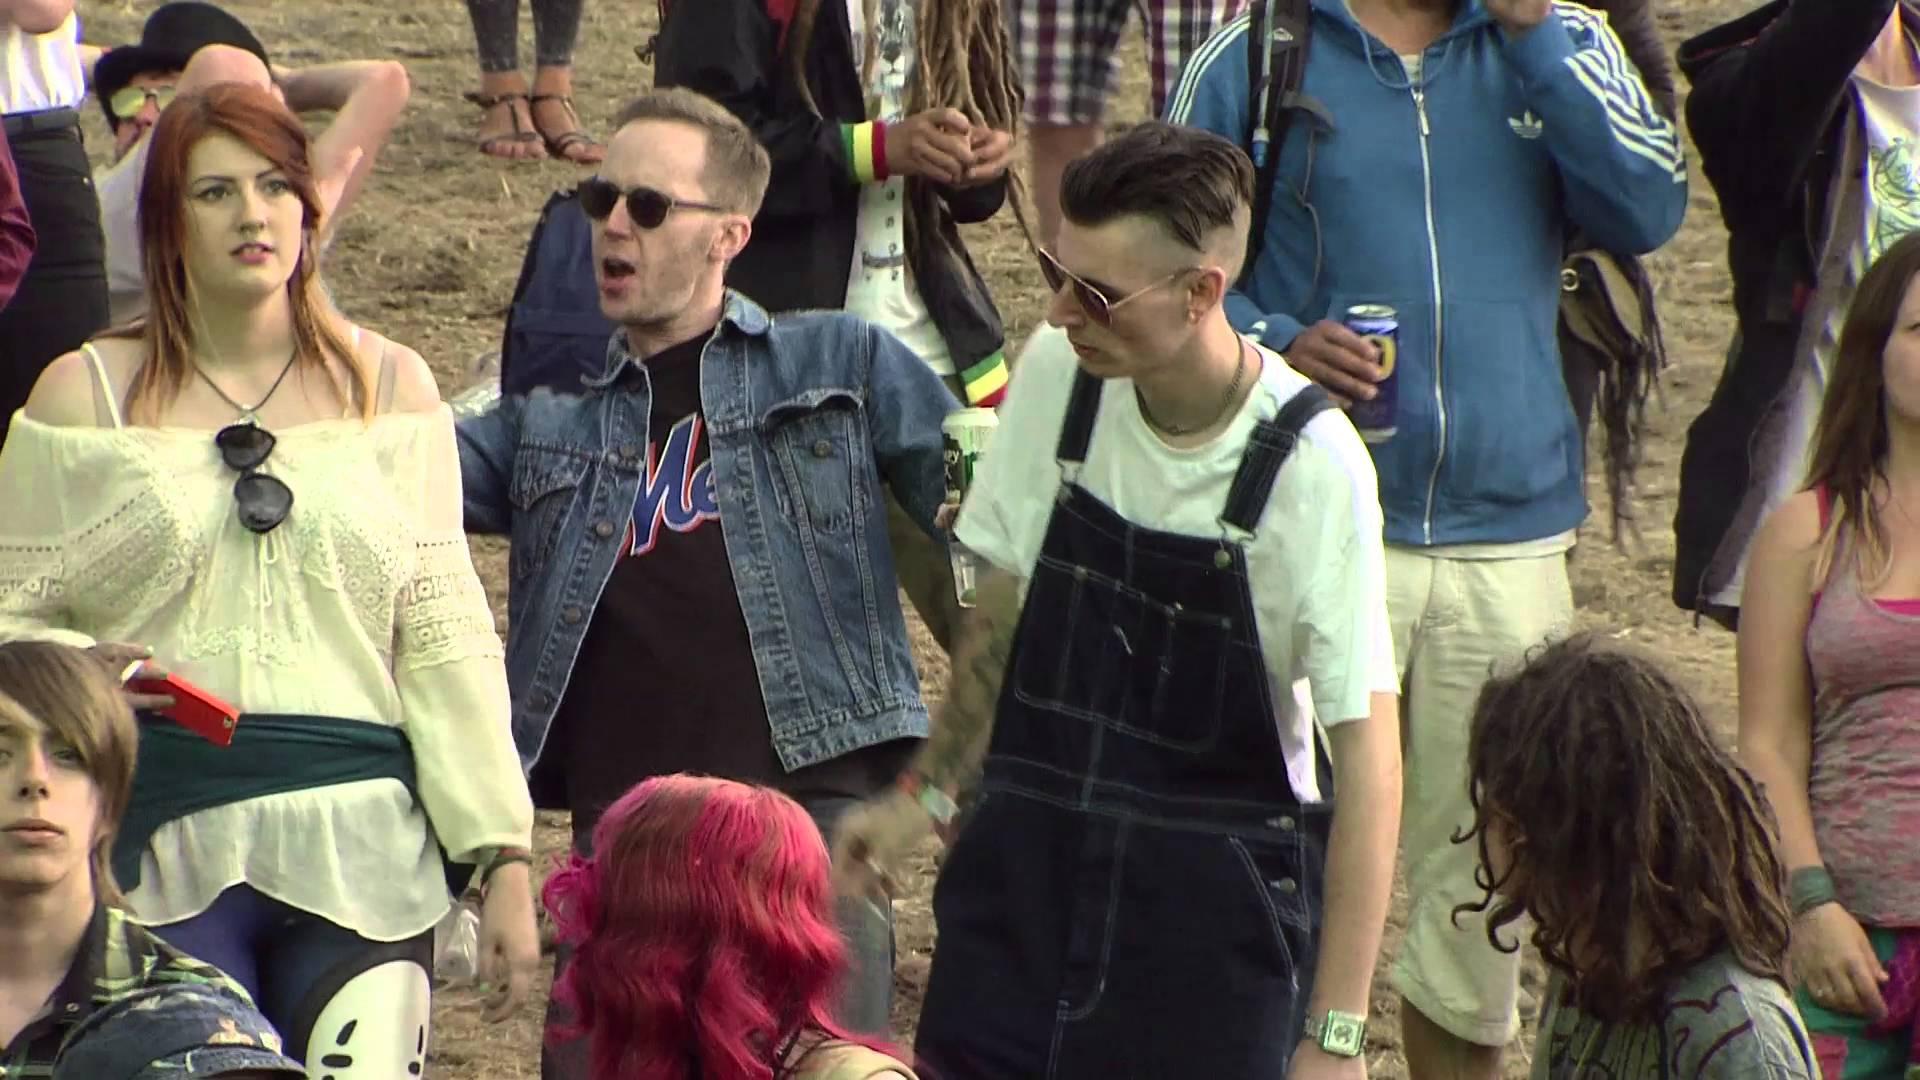 студия britannia gentlemens rude 2018 video